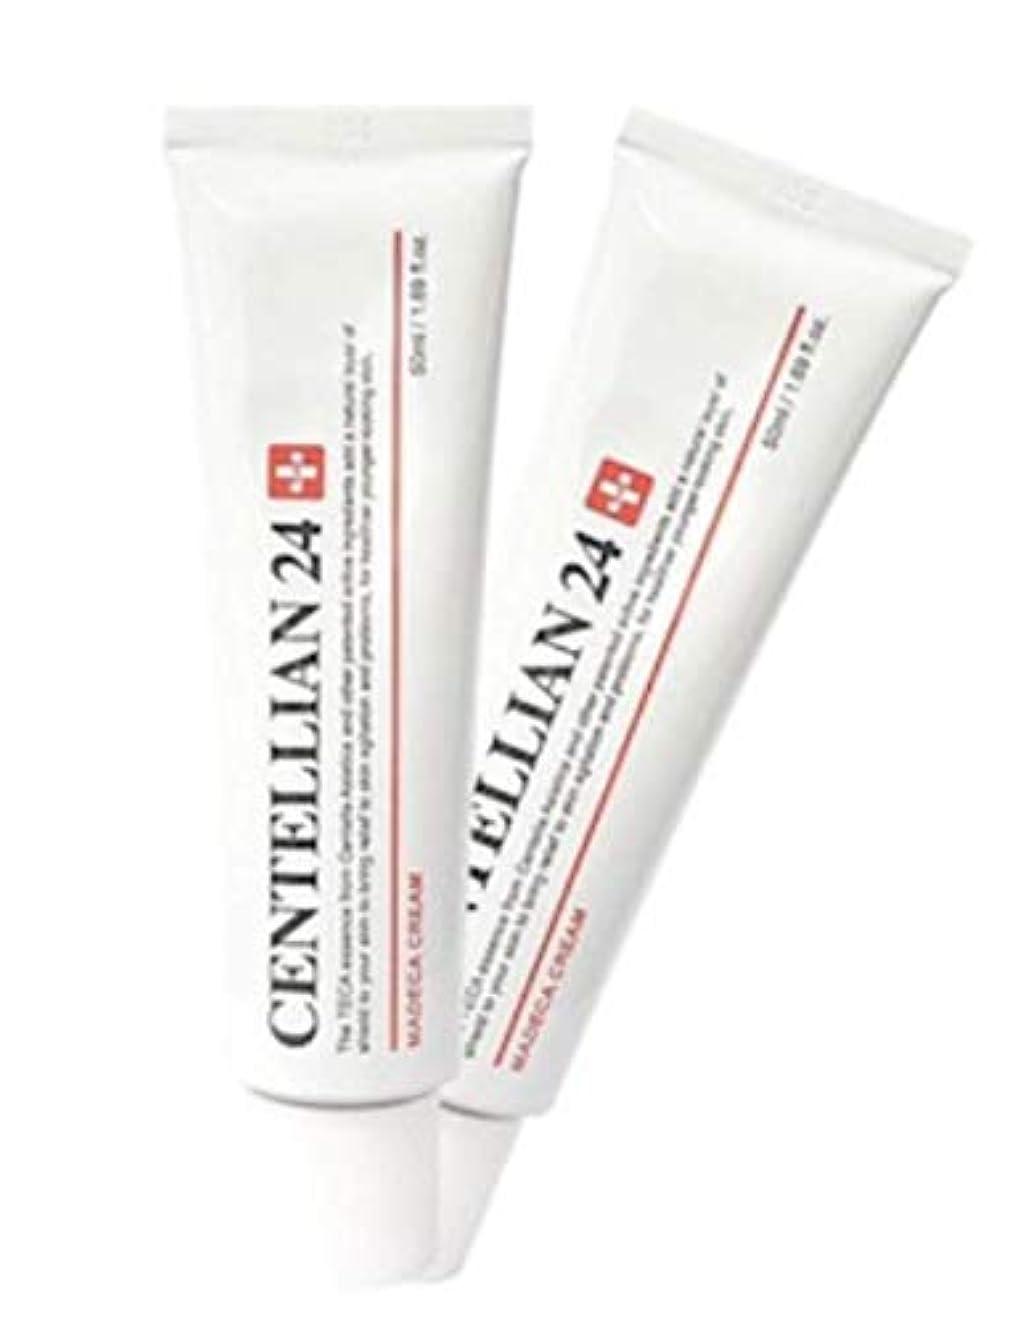 みすぼらしい配偶者手センテルリアン24マデカクリム50ml x 2本セット肌の保湿損傷した肌のケア、Centellian24 Madeca Cream 50ml x 2ea Set Skin Moisturizing Damaged Skin...